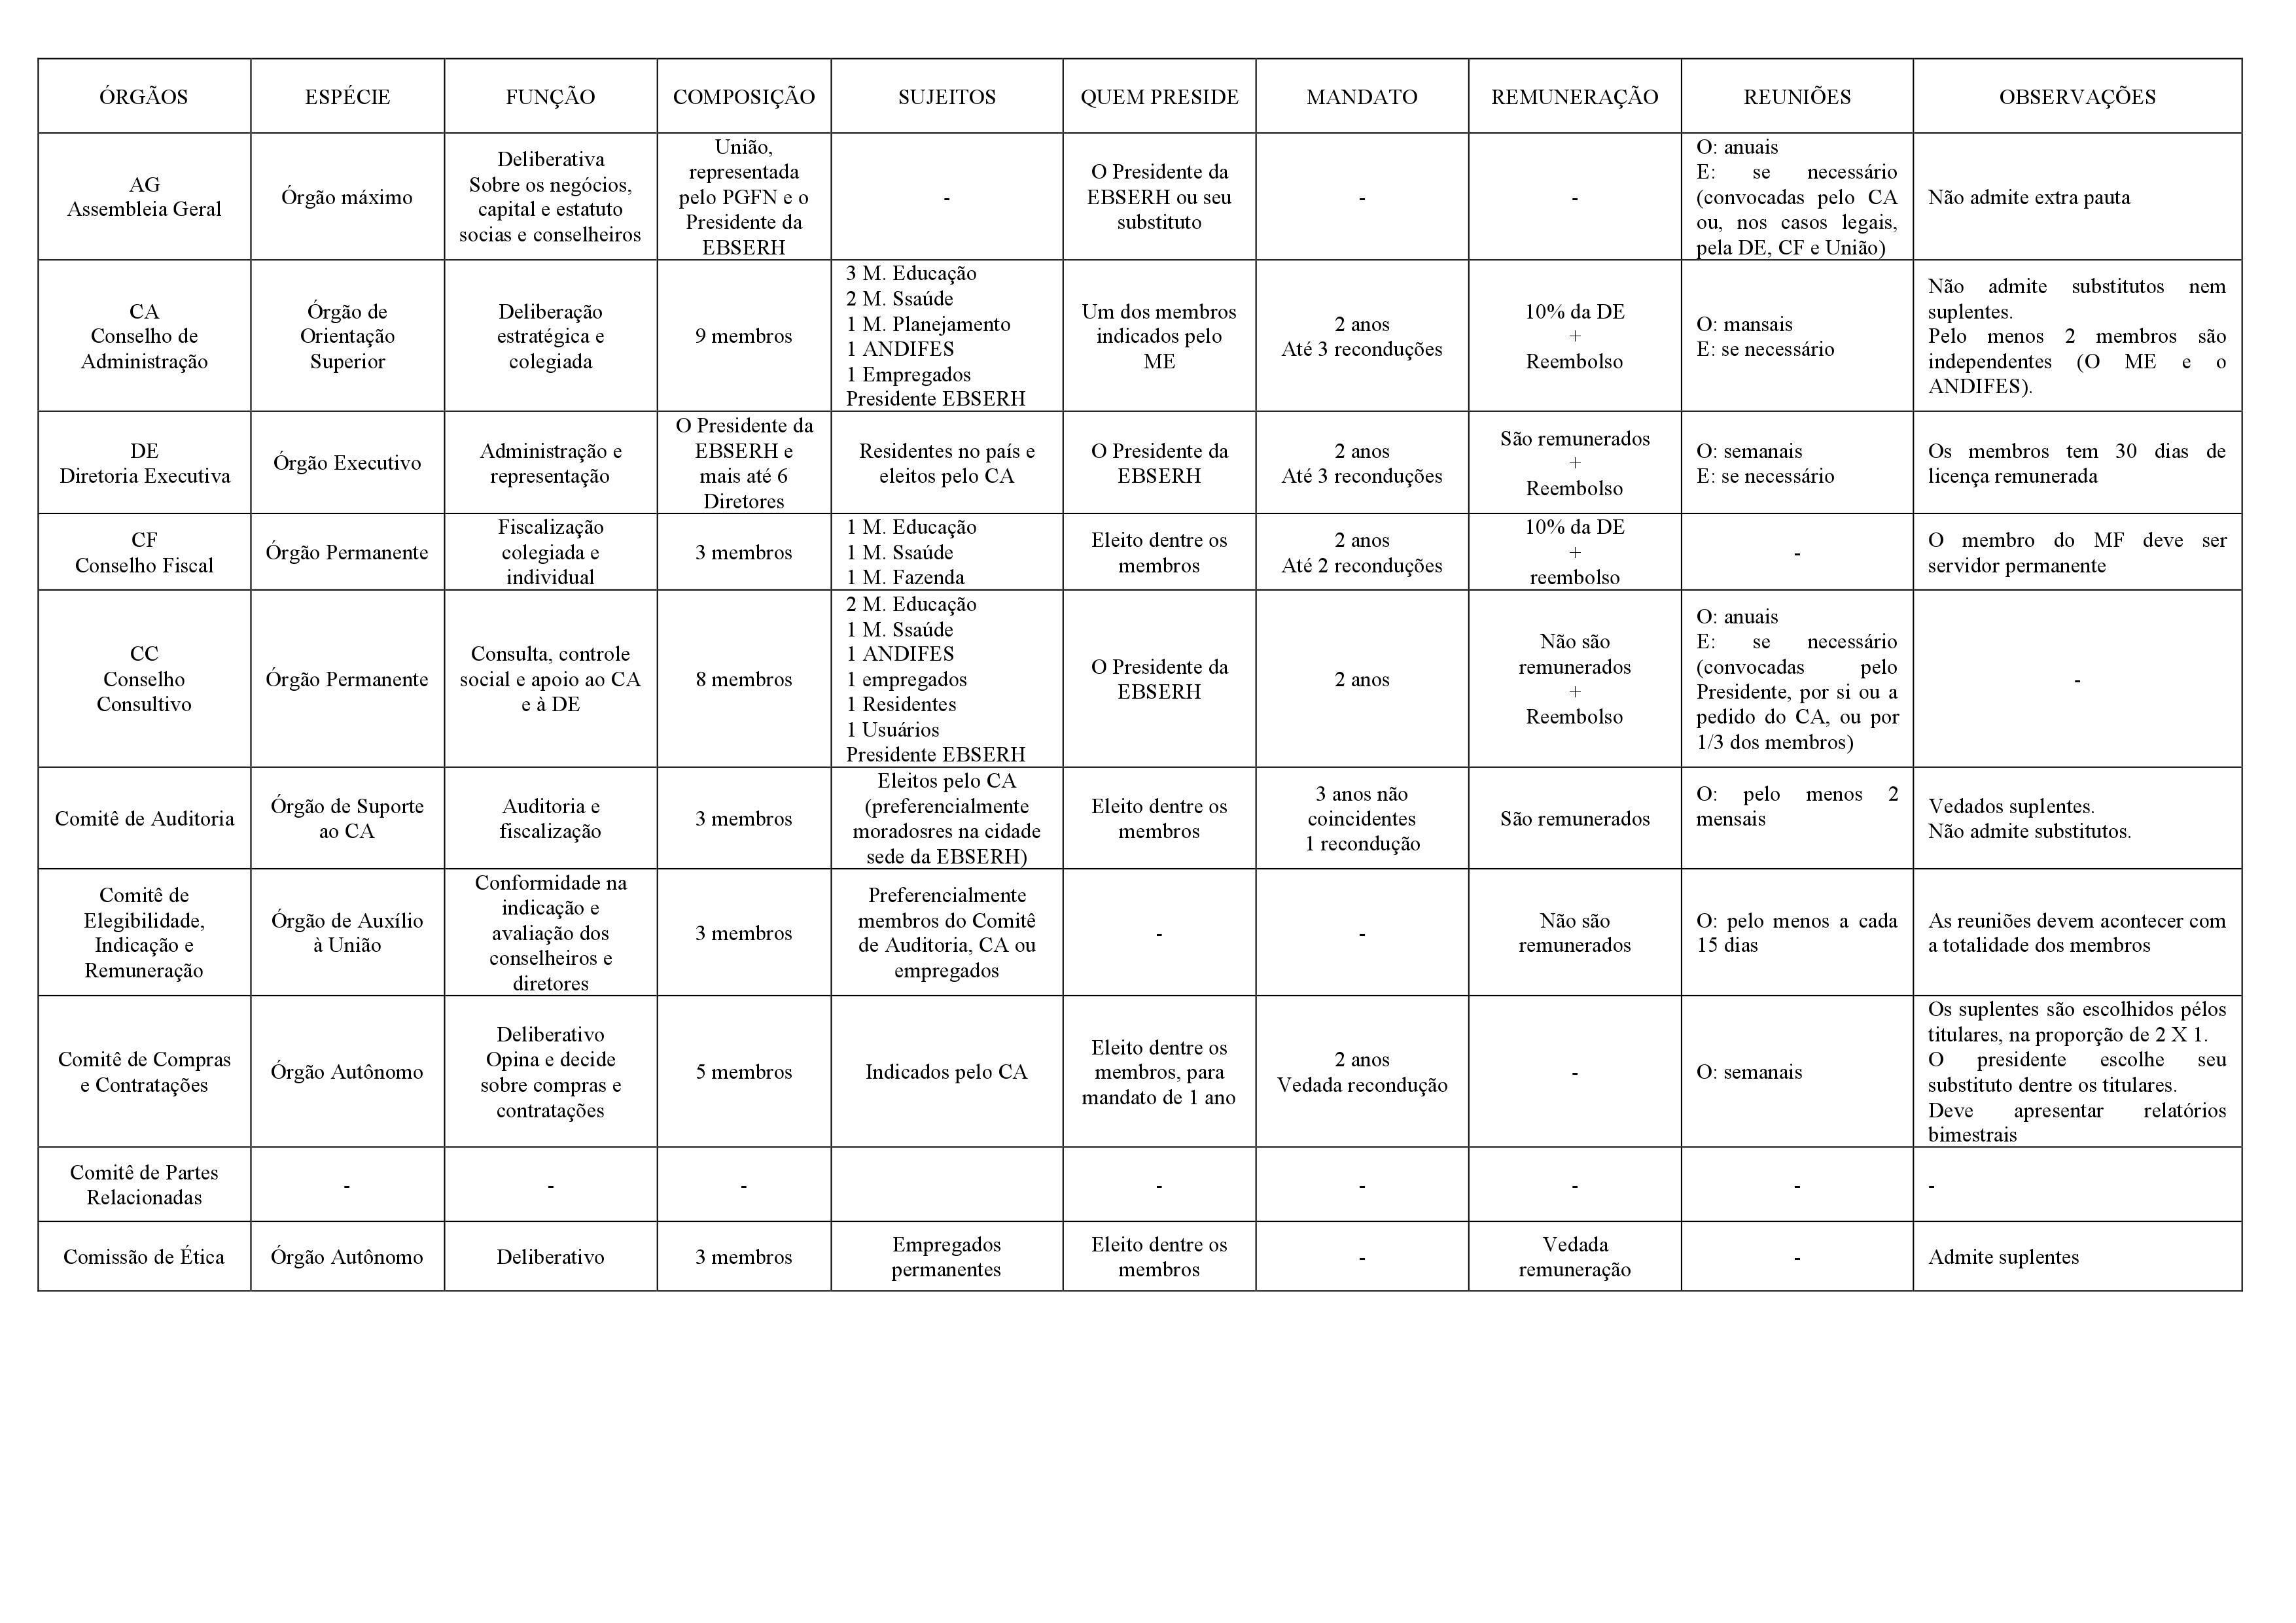 Tabela - Órgãos Estatutários da EBSERH